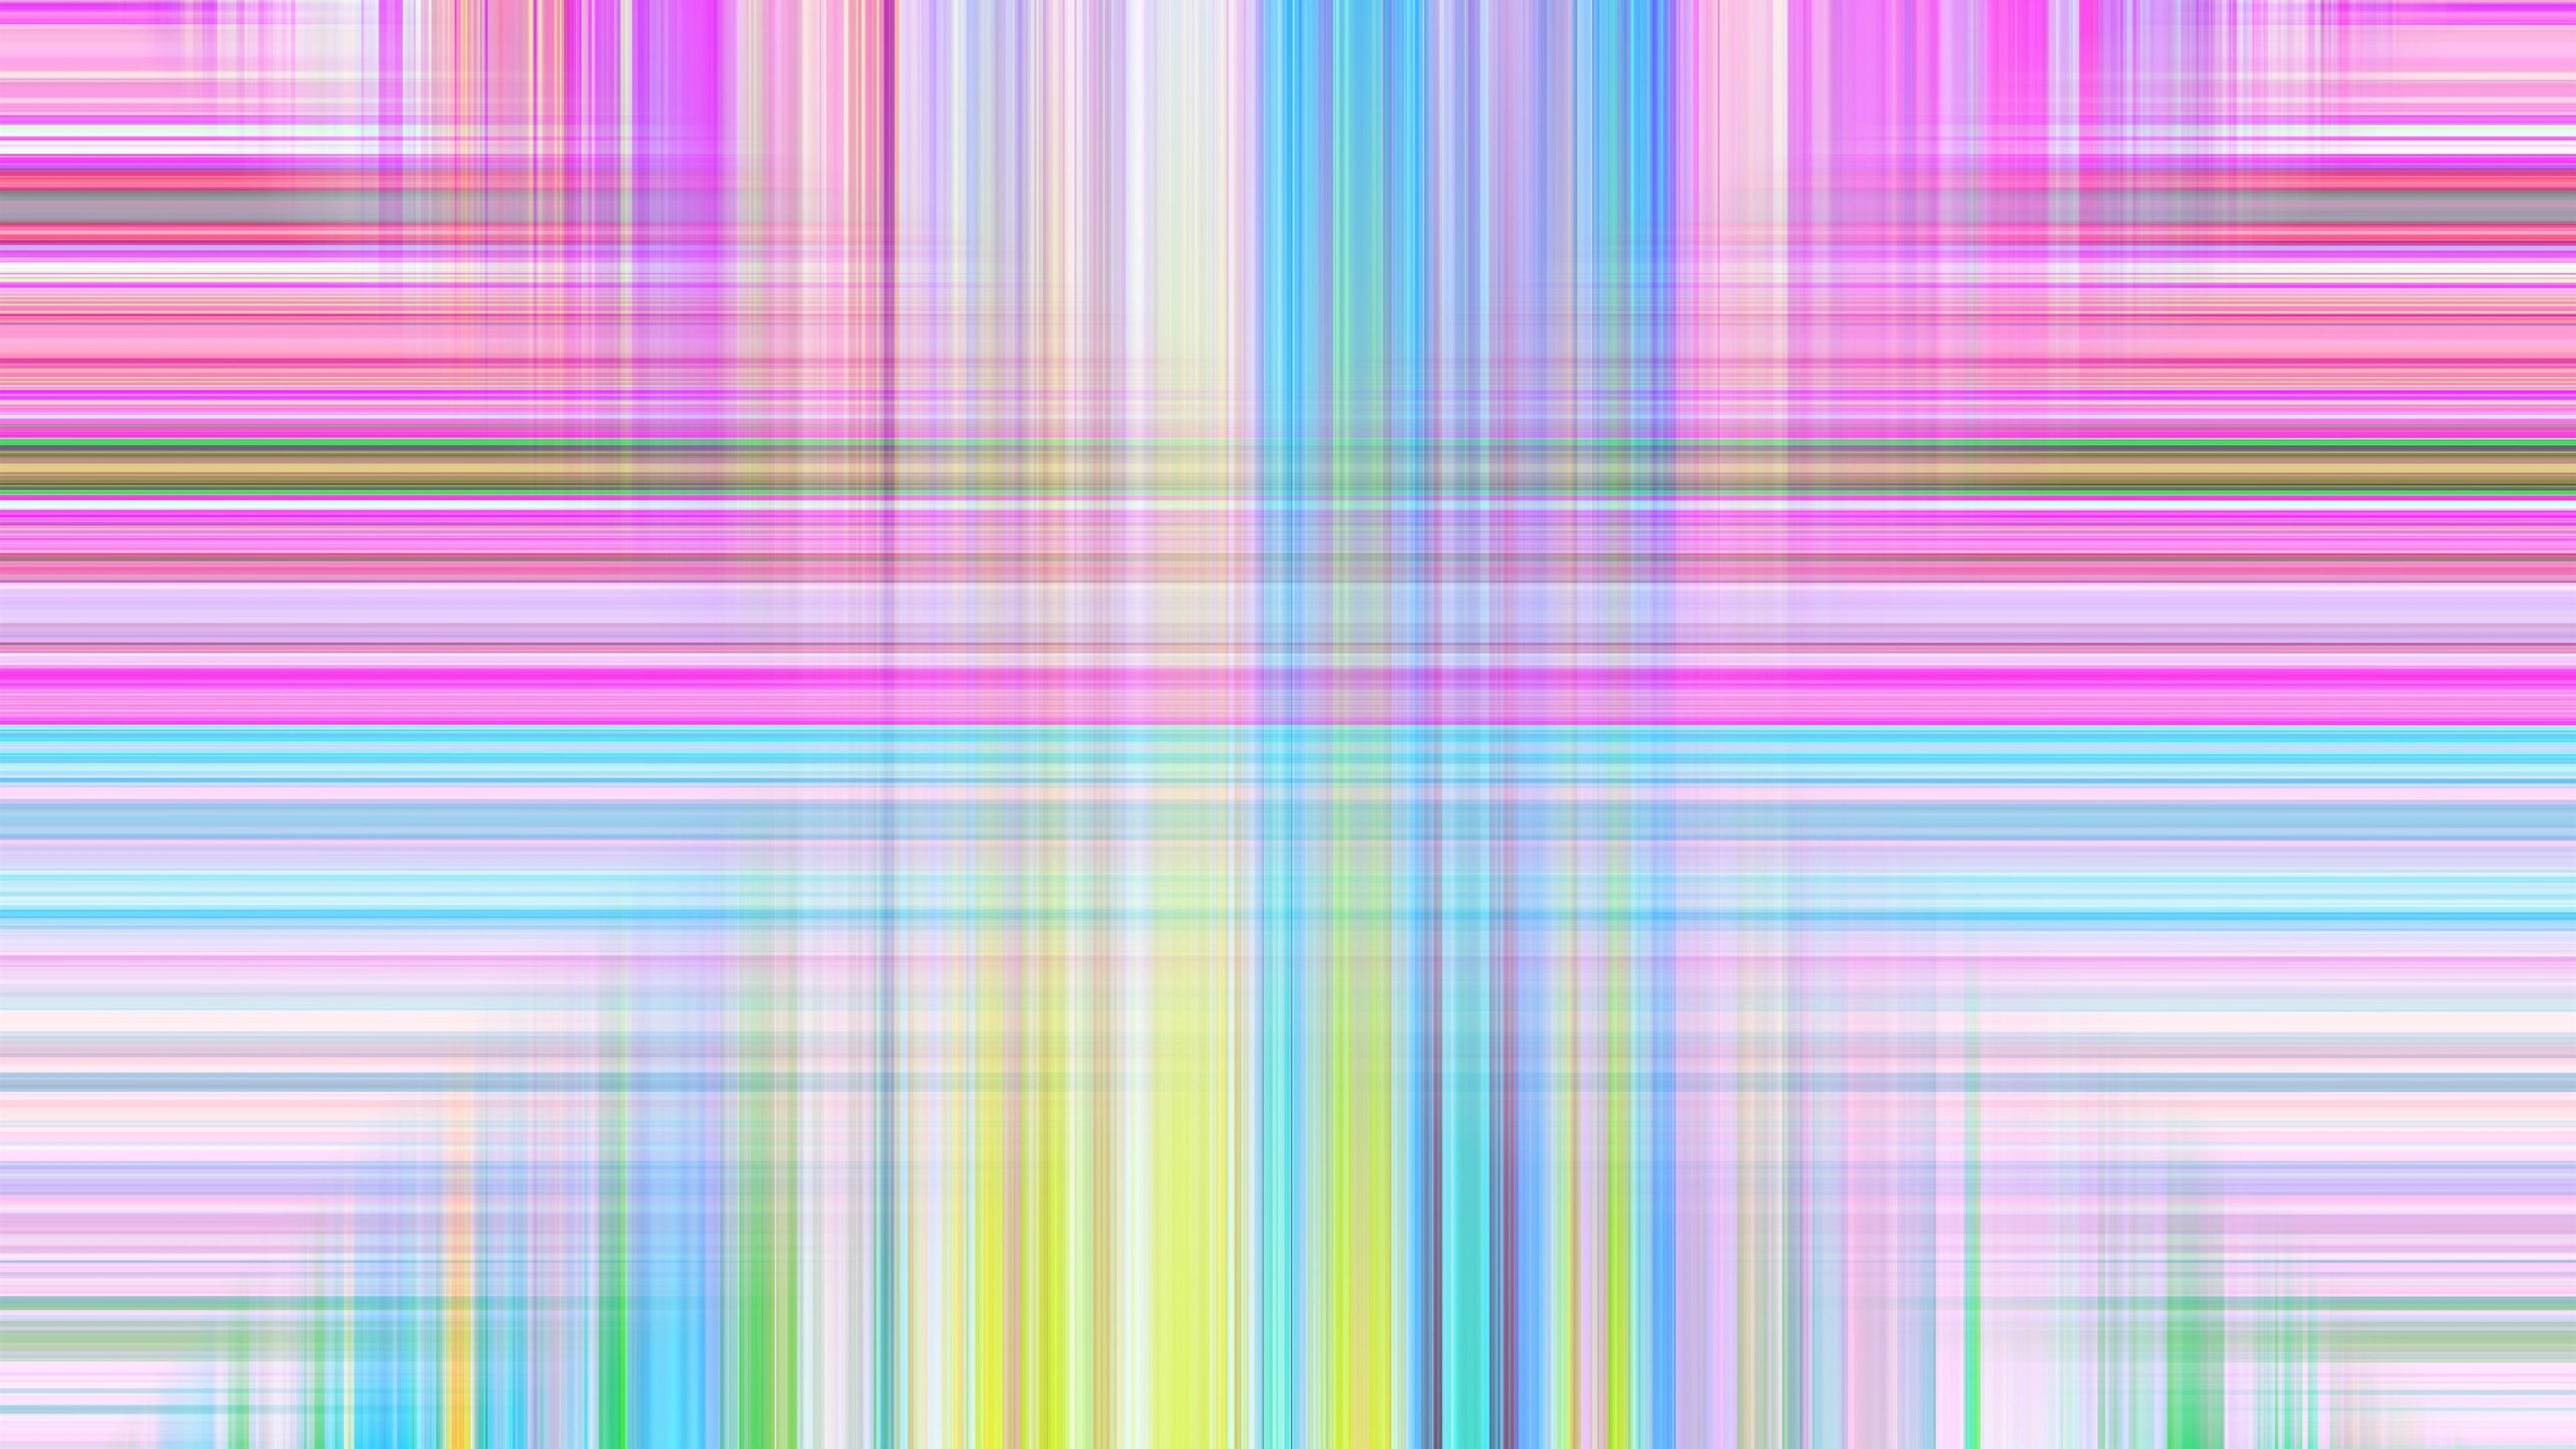 Fondos De Pantalla Fondo De Textura De Rayas De Colores